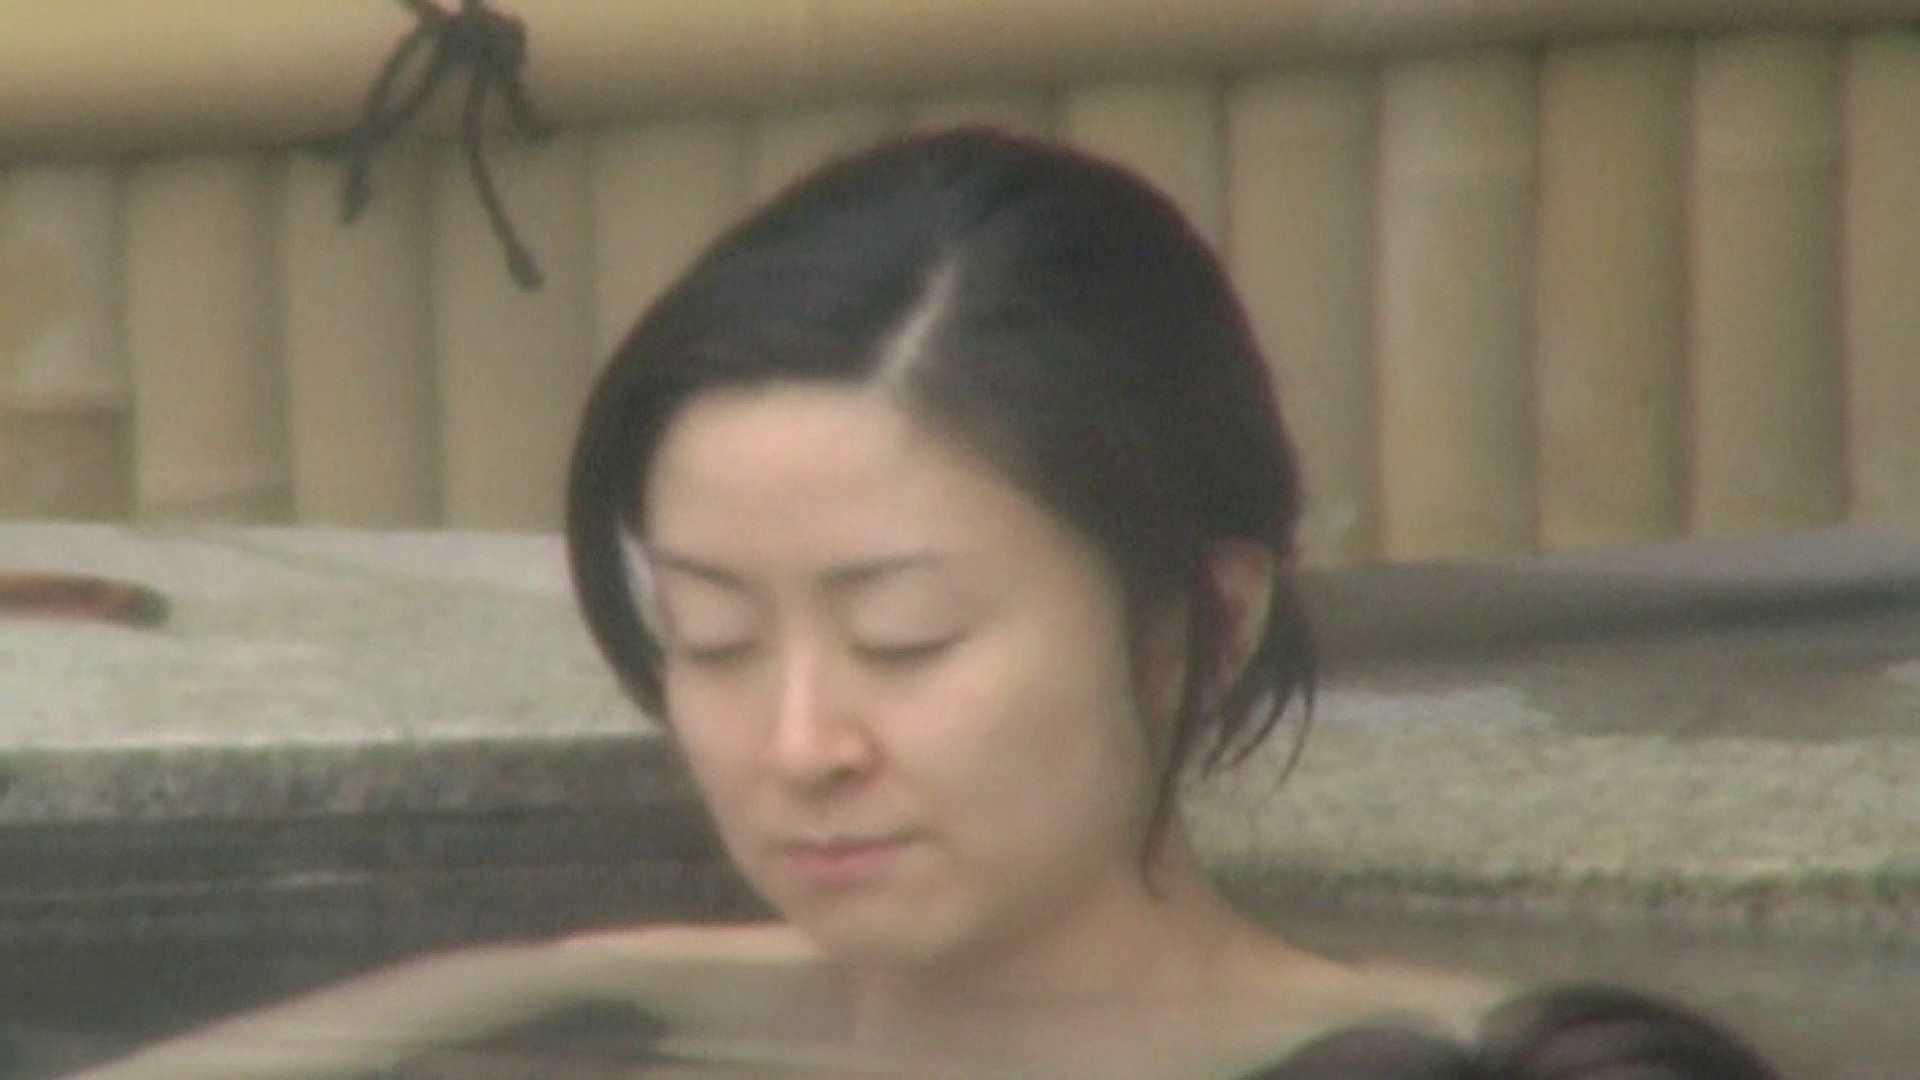 Aquaな露天風呂Vol.548 露天風呂  10枚 4